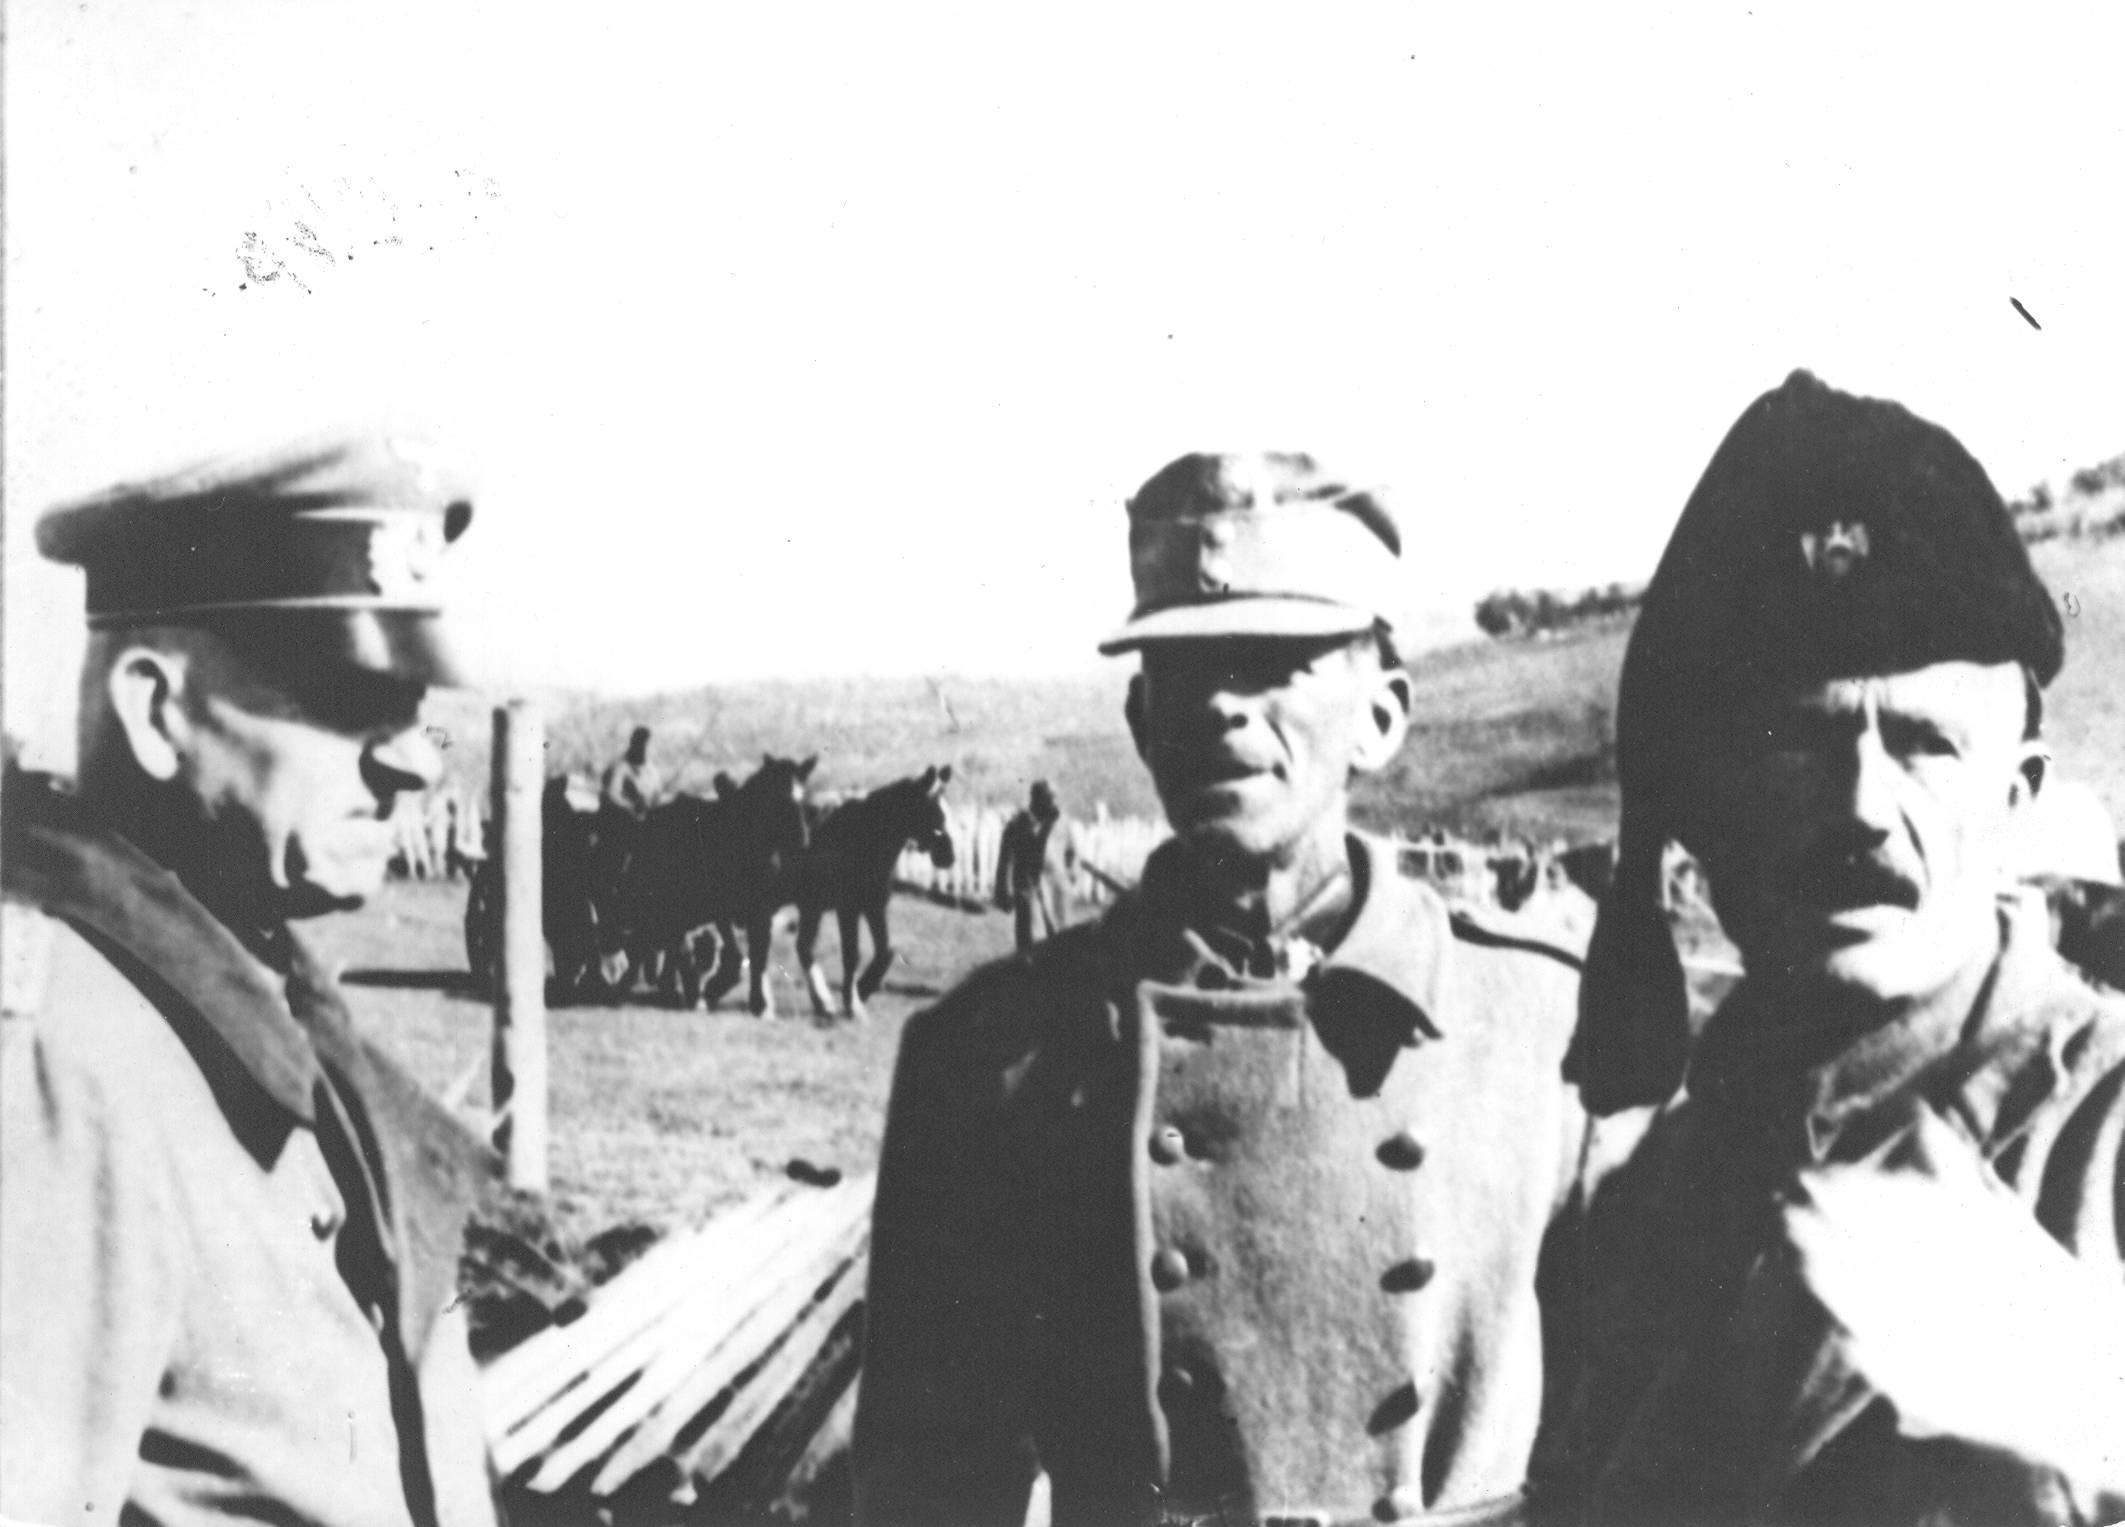 Njemački general Friedrich Stahl, nepoznati domobranski oficir i četnički vojvoda Rade Radić, tijekom IV. neprijateljske ofenzive na Prenju 1943. godine (izvor: sh.wikipedia.org).